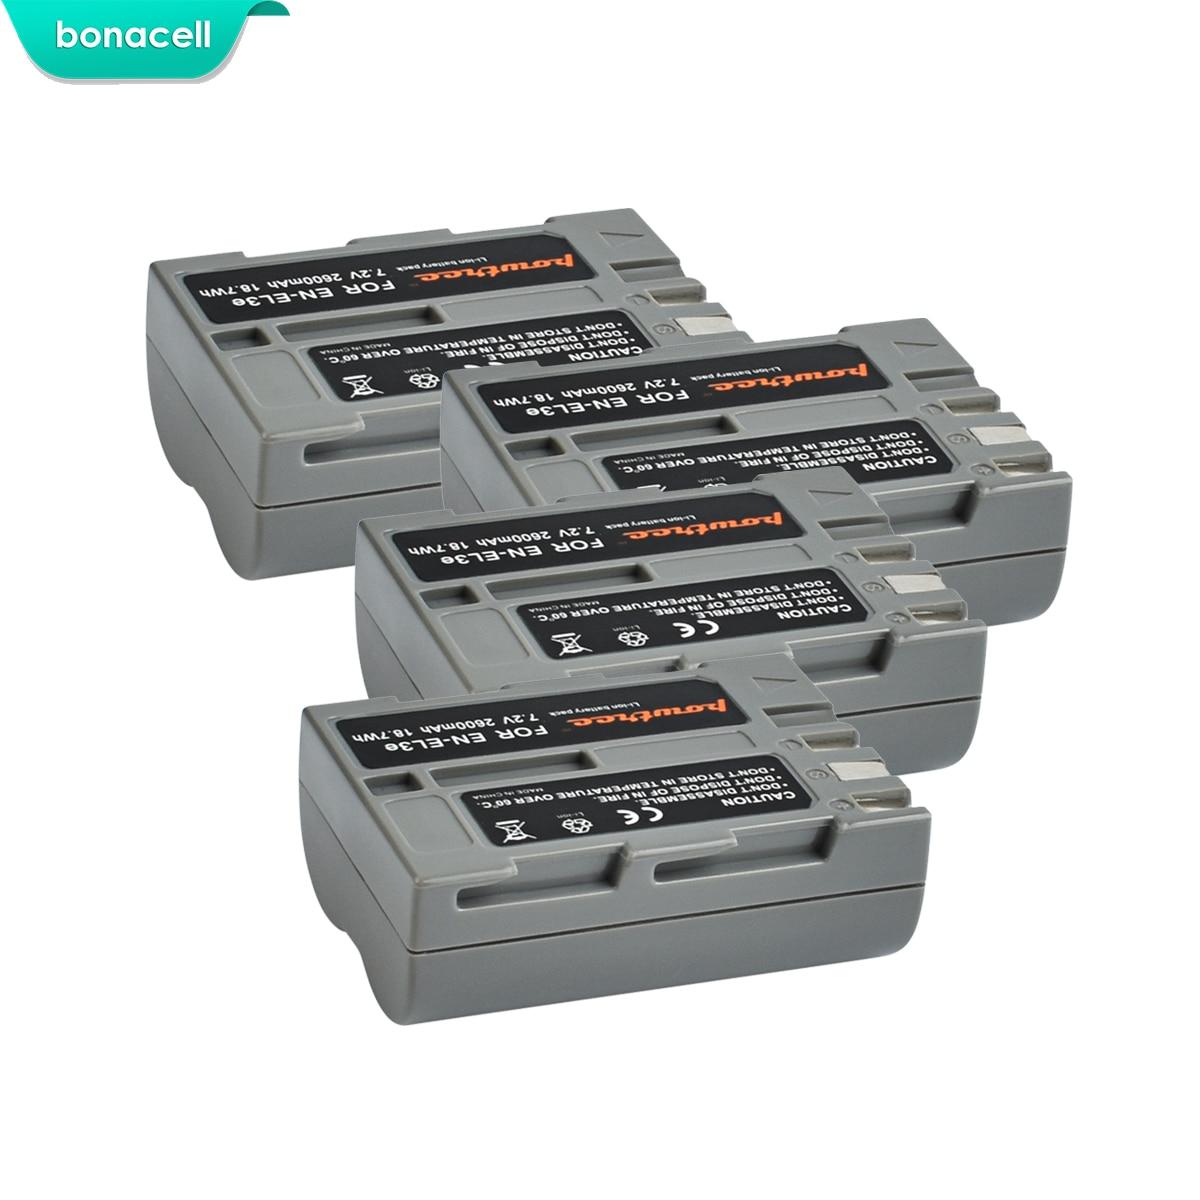 Bonacell 2600mAh EN-EL3e EN EL3e EL3a ENEL3e Digital Camera Battery for Nikon D300S D300 D100 D200 D700 D70S D80 D90 D50 L15Bonacell 2600mAh EN-EL3e EN EL3e EL3a ENEL3e Digital Camera Battery for Nikon D300S D300 D100 D200 D700 D70S D80 D90 D50 L15